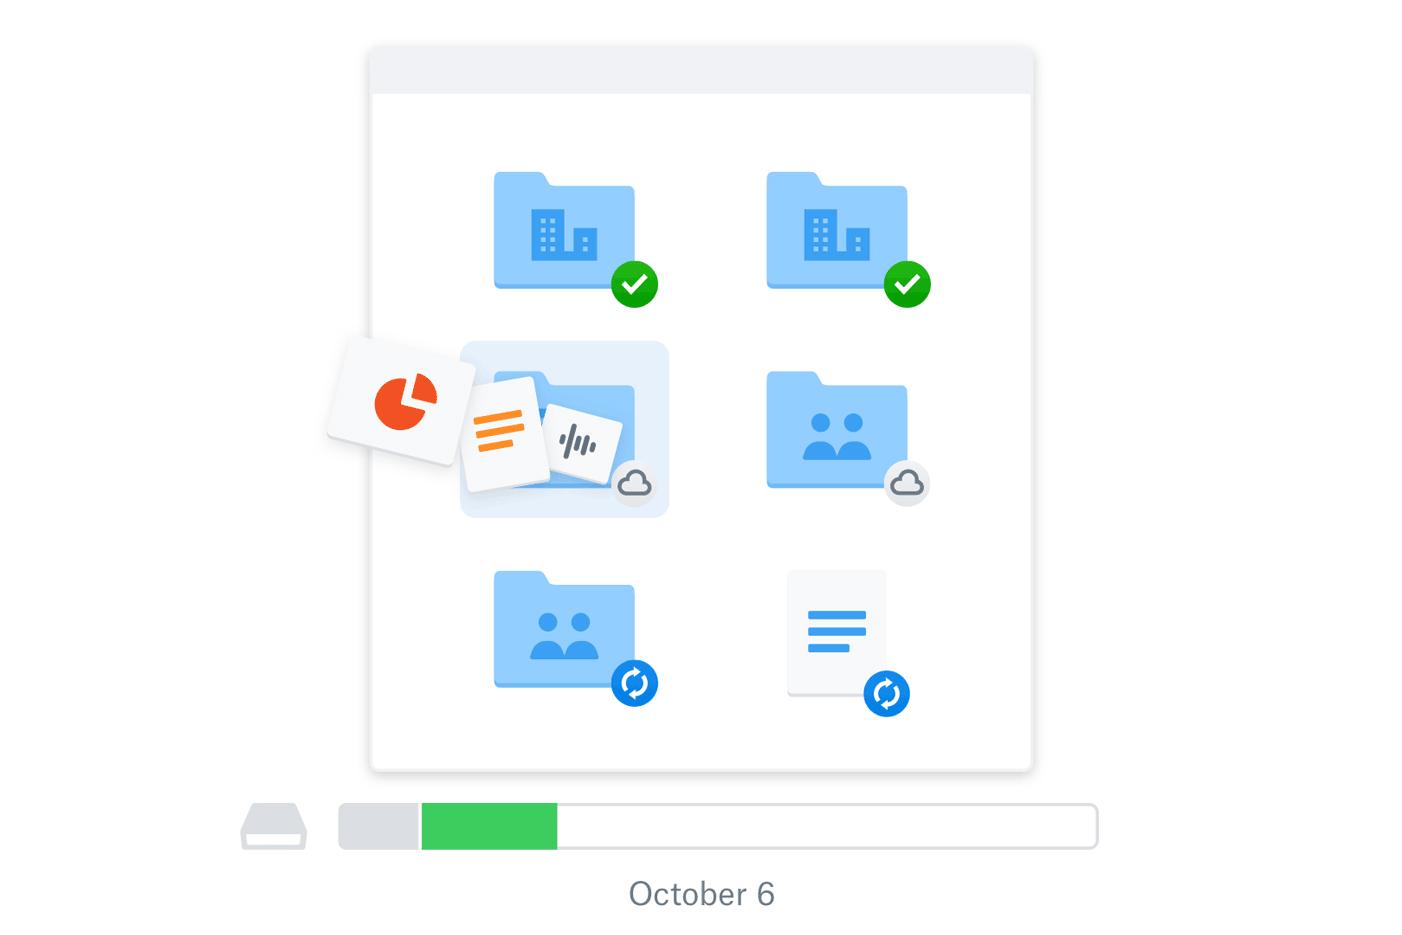 Dropbox nâng dung lượng lưu trữ các gói trả phí, bổ sung tính năng